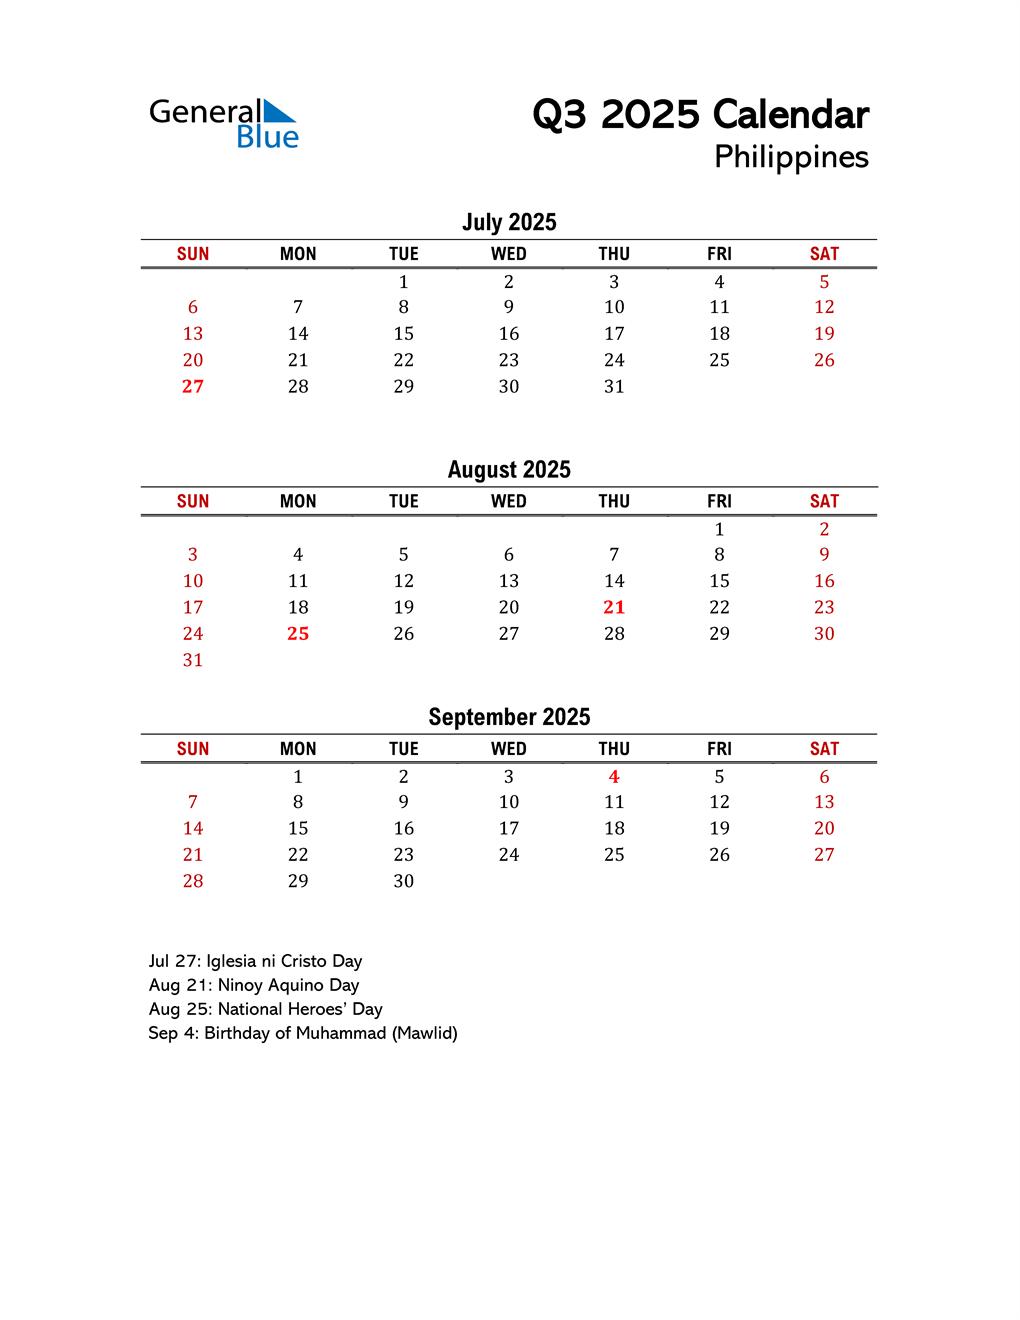 2025 Q3 Calendar with Holidays List